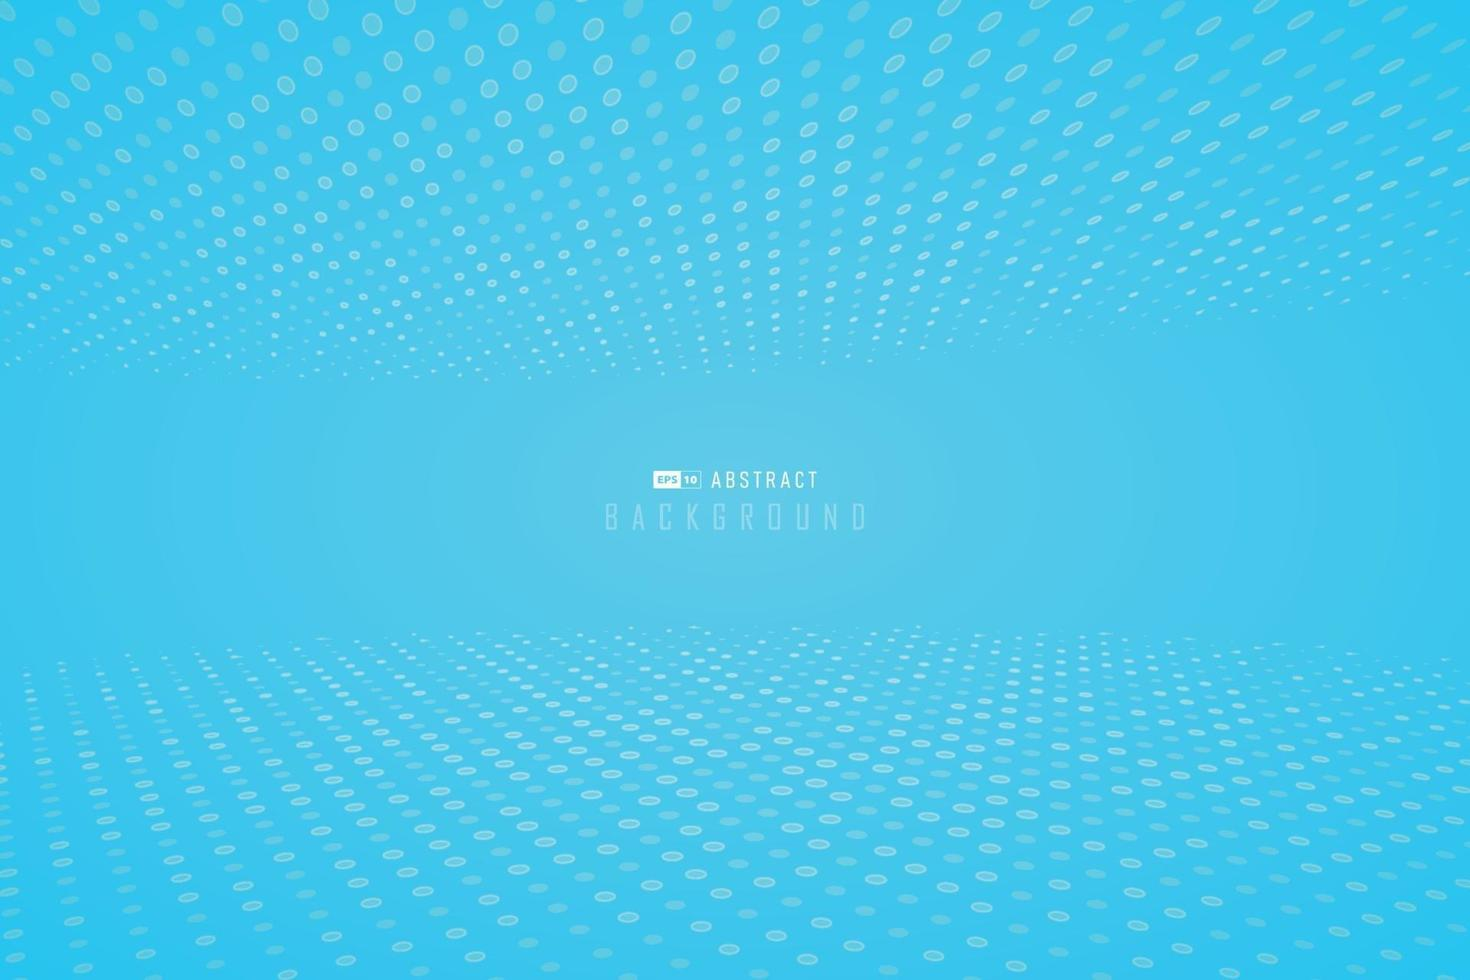 astratto sfondo blu sfumato luminoso con sfondo design minimale punteggiato di mezzitoni. illustrazione vettoriale